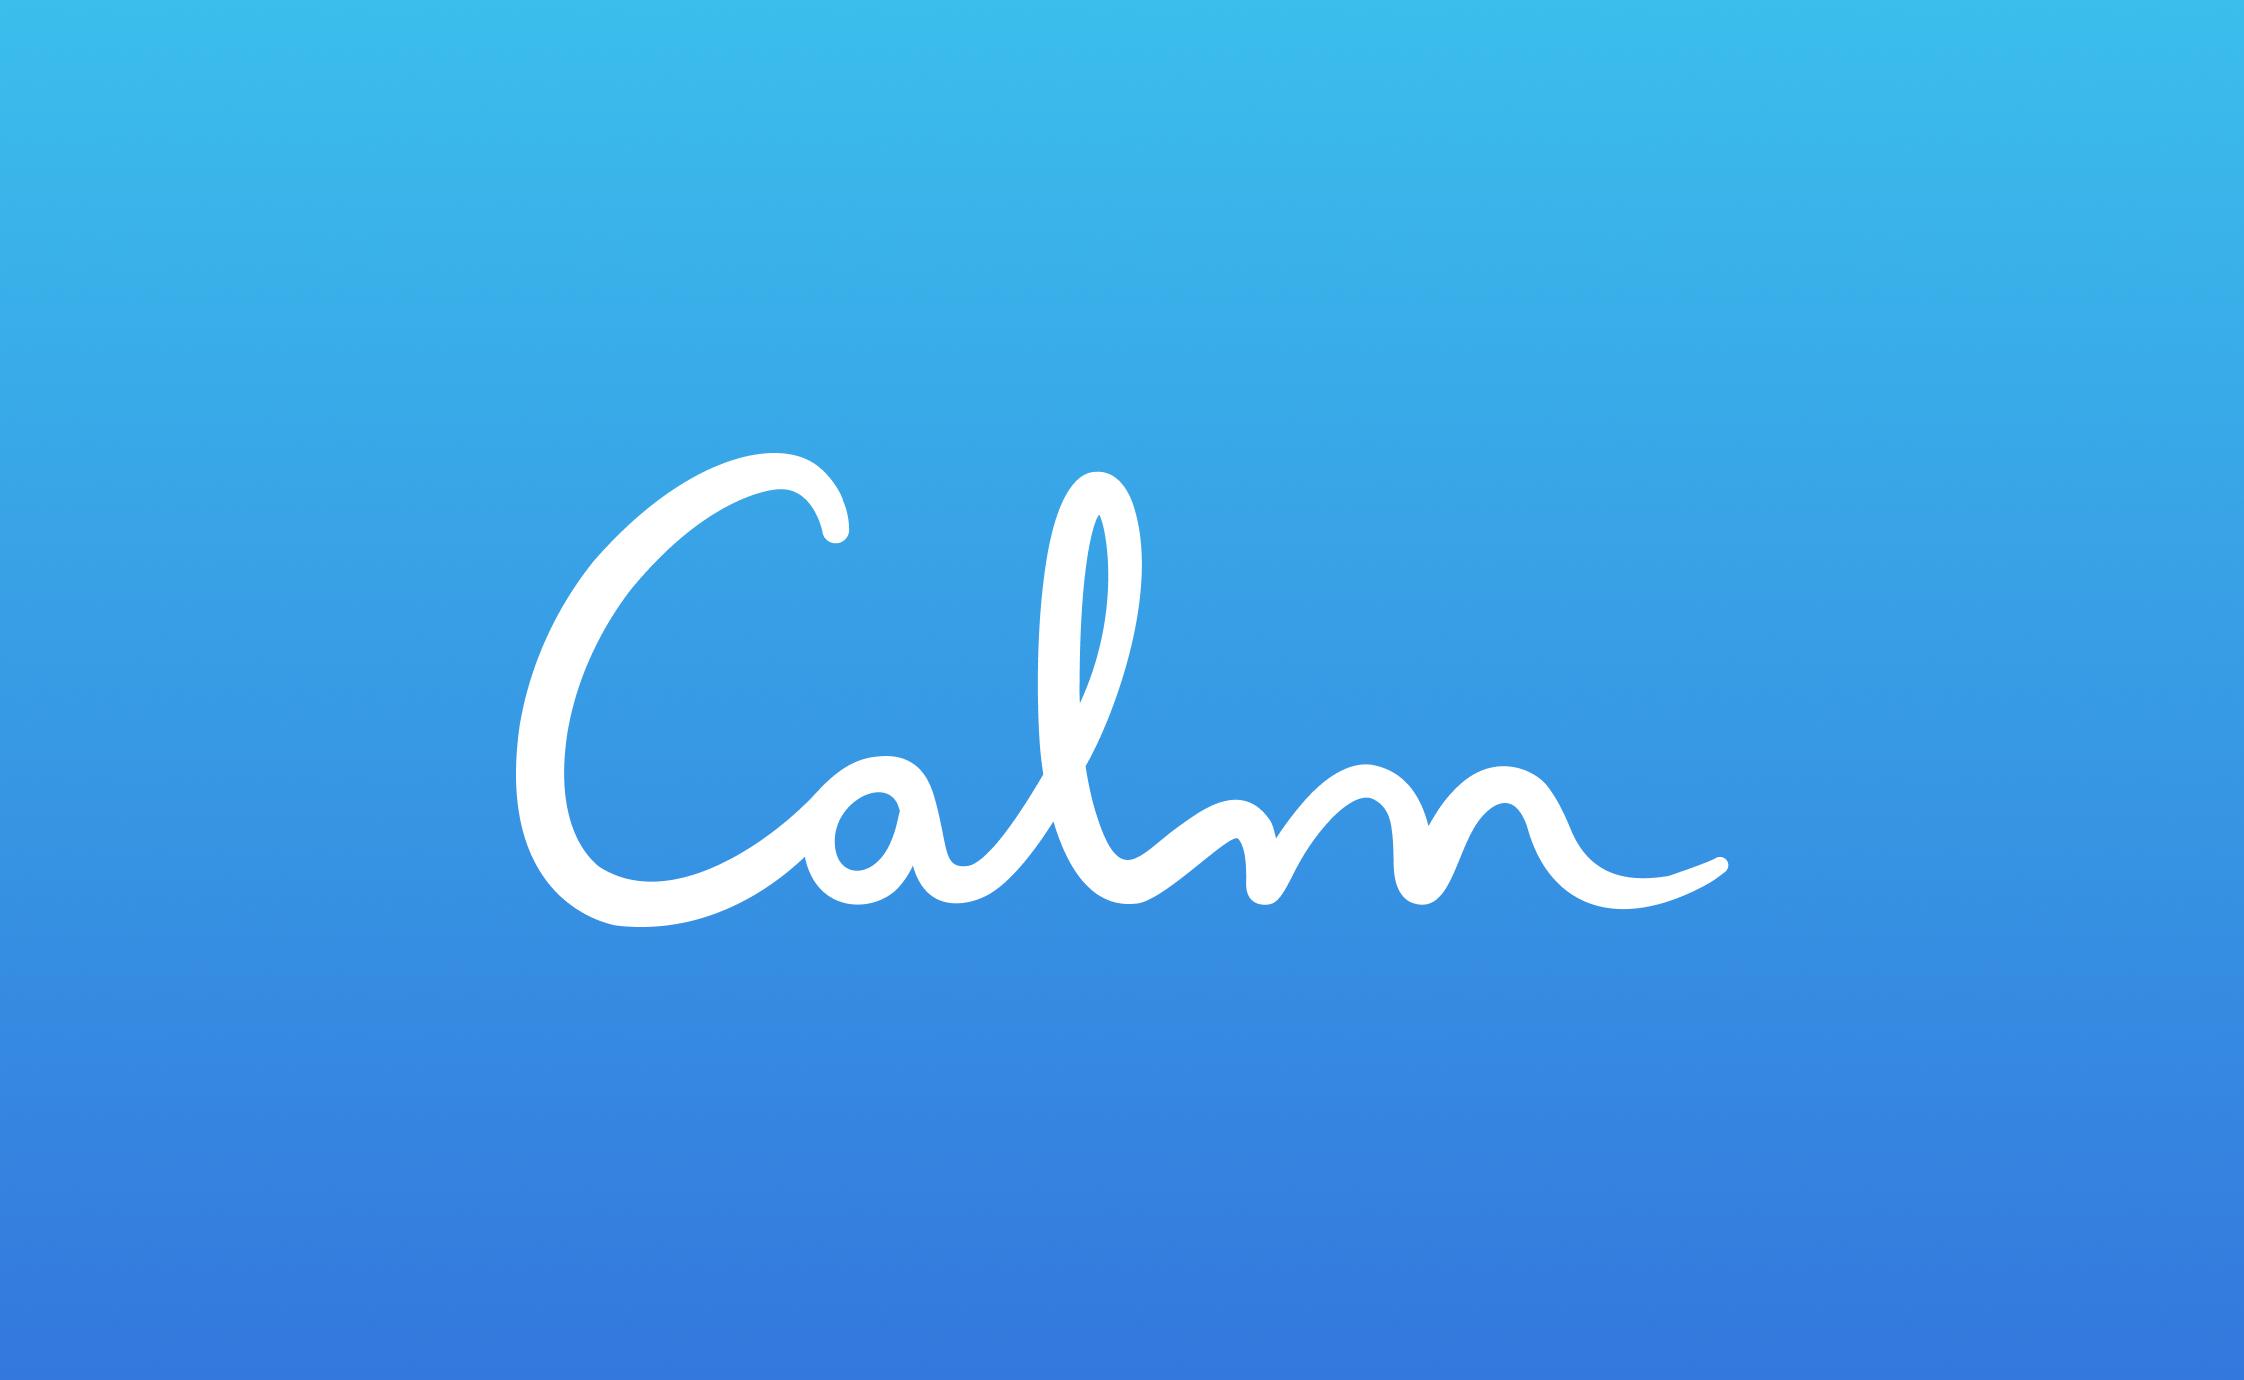 feedback-friday-calm